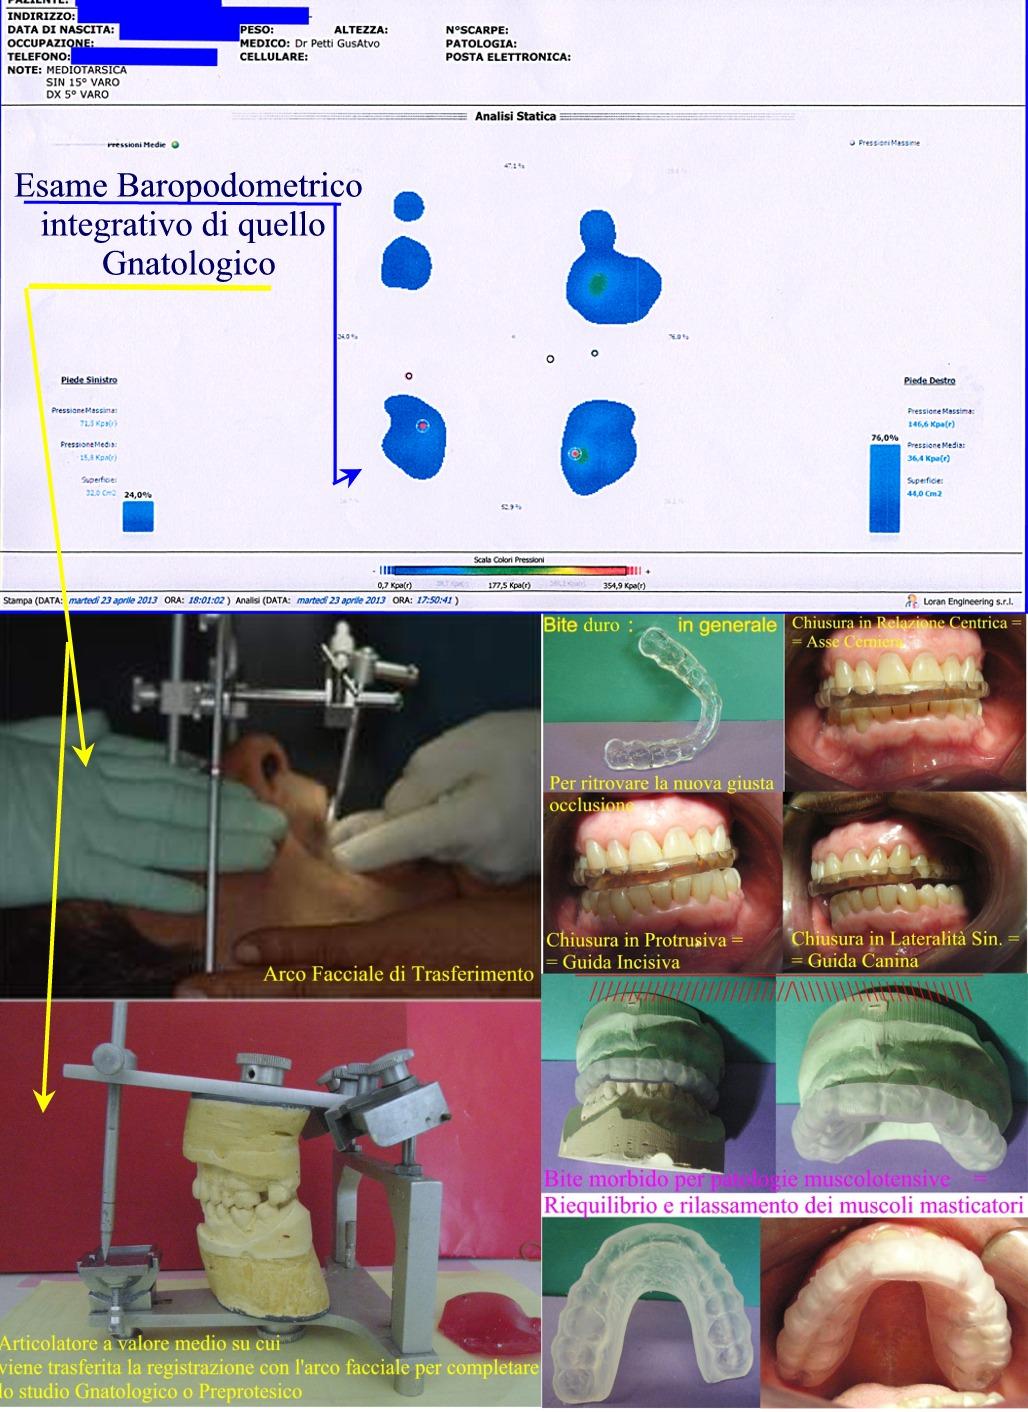 Bite. Arco Facciale. Esame Computerizzato Stabilometrico come esempi parziali di Valutazioni Gnatologiche in Gnatologia. Da casistica Dr. Gustavo Petti Parodontologo Gnatologo di Cagliari